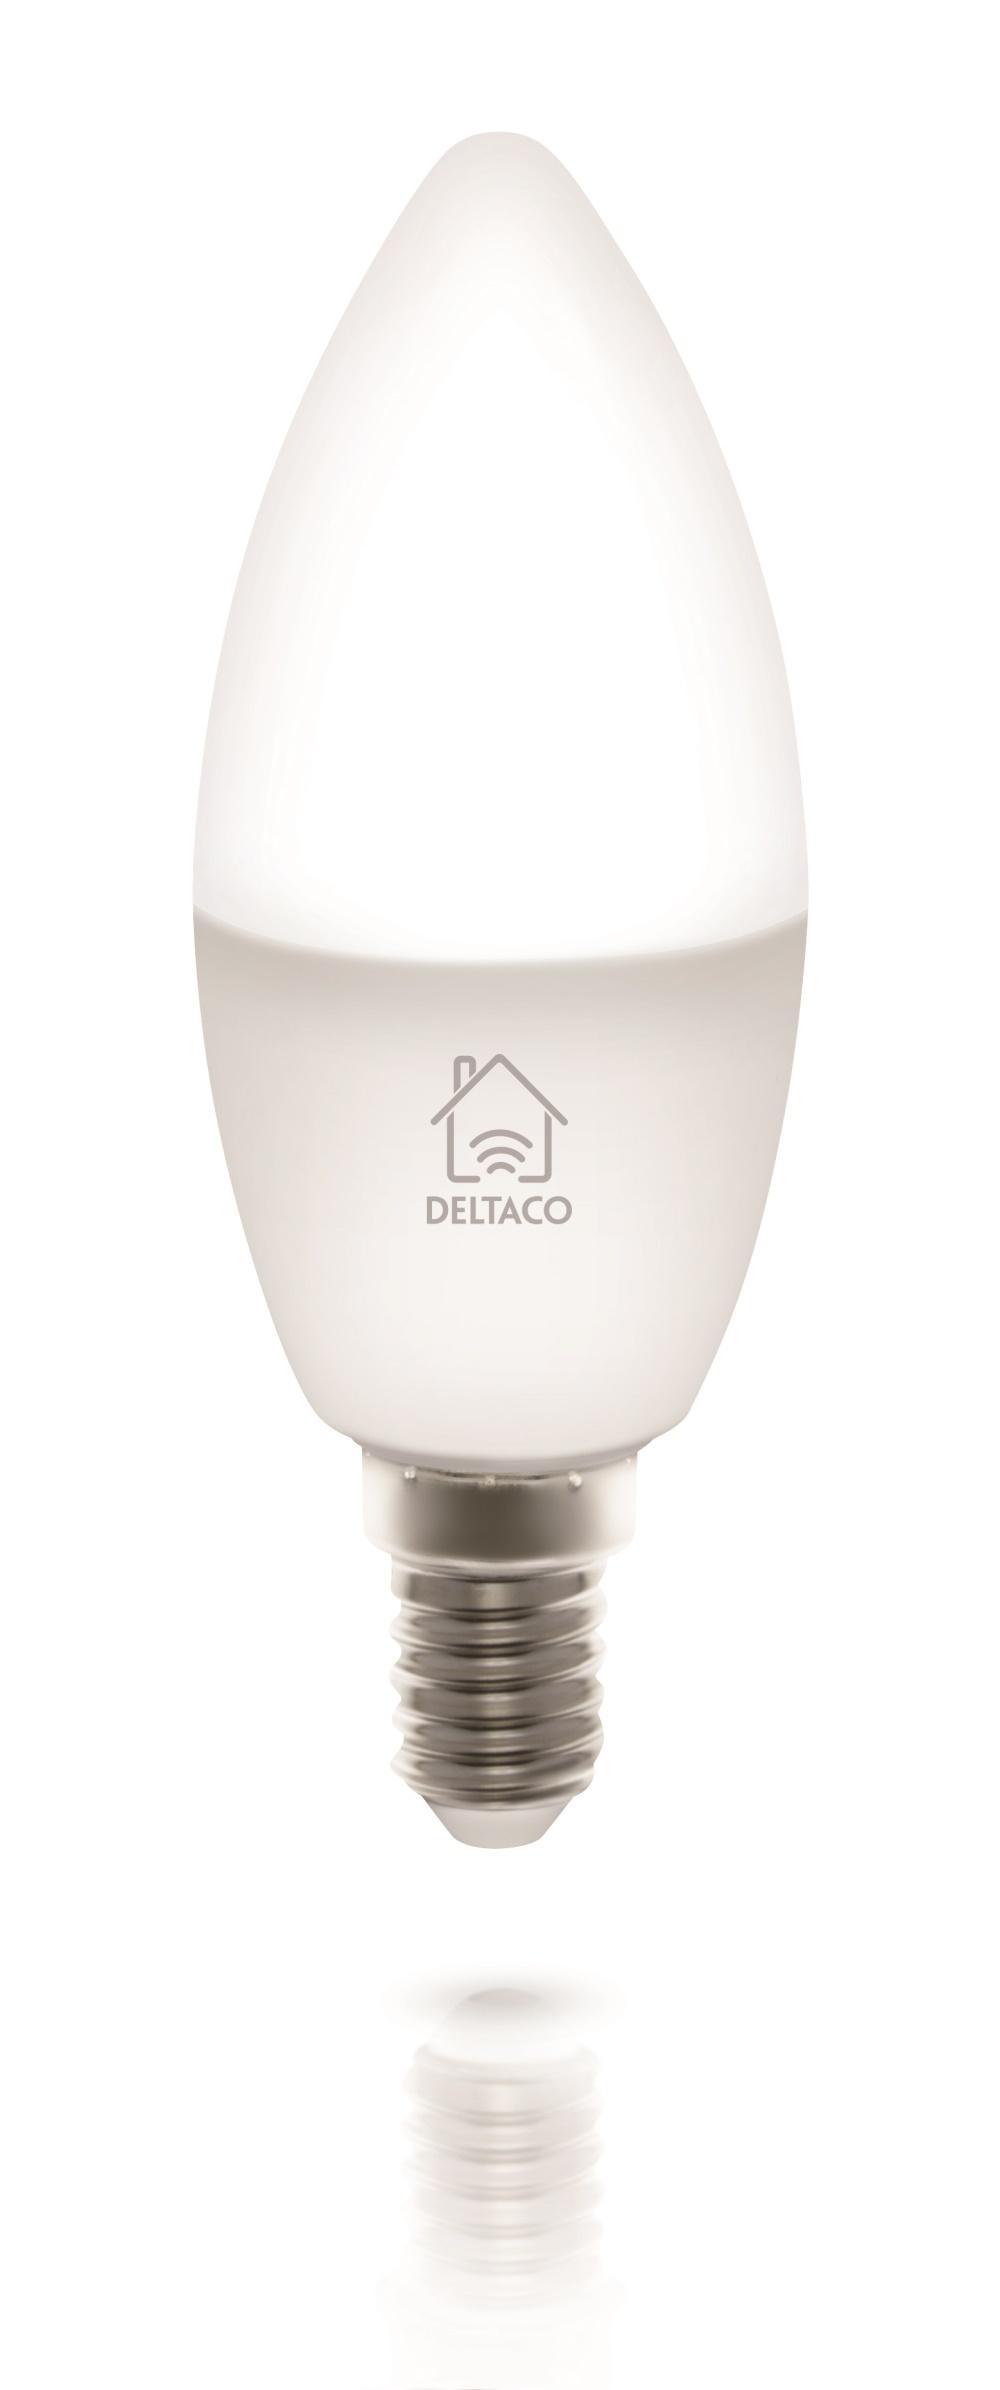 Köp Deltaco Smart Home LED lampa, E14, WiFi, 5W, 2700K 6500K